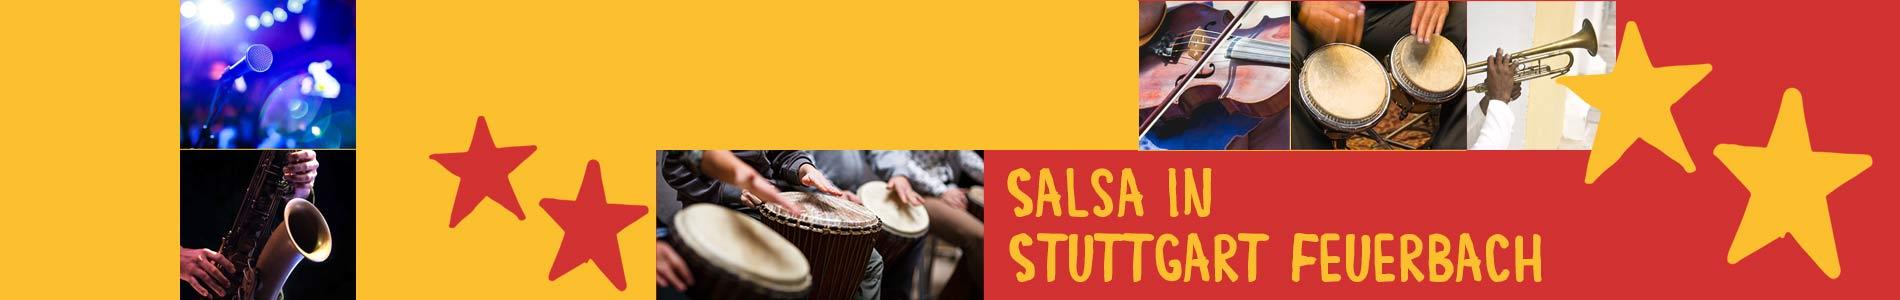 Salsa in Erbach – Salsa lernen und tanzen, Tanzkurse, Partys, Veranstaltungen